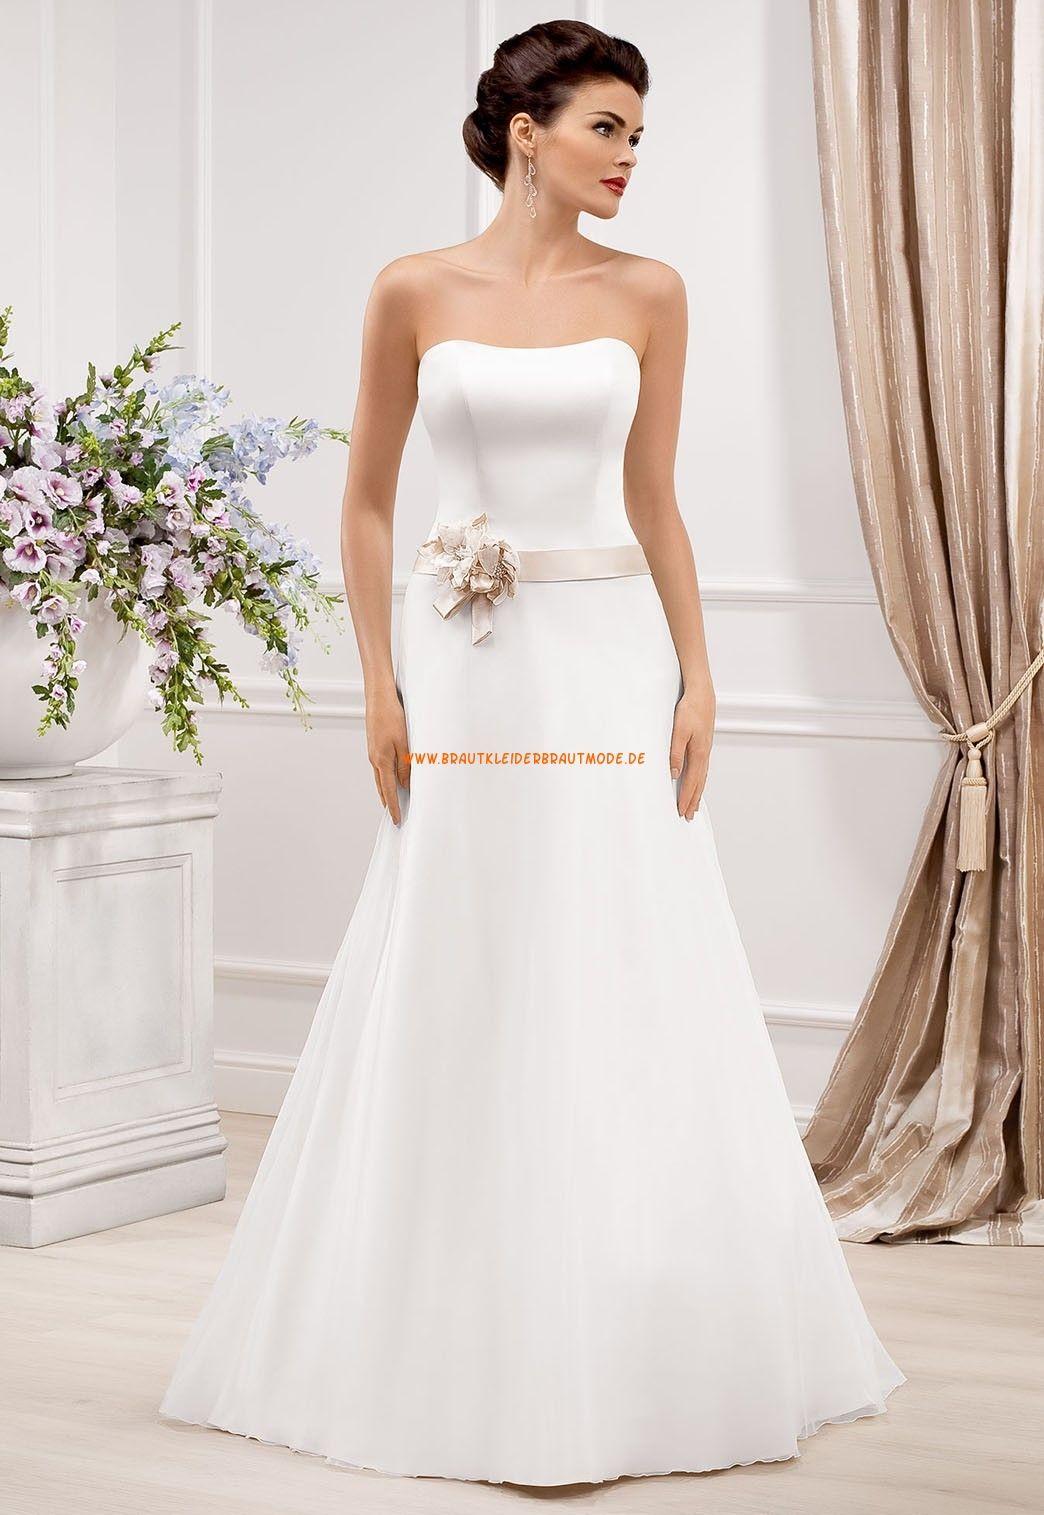 Aparte Schicke Hochzeitskleider aus Organza | Gaby | Pinterest ...